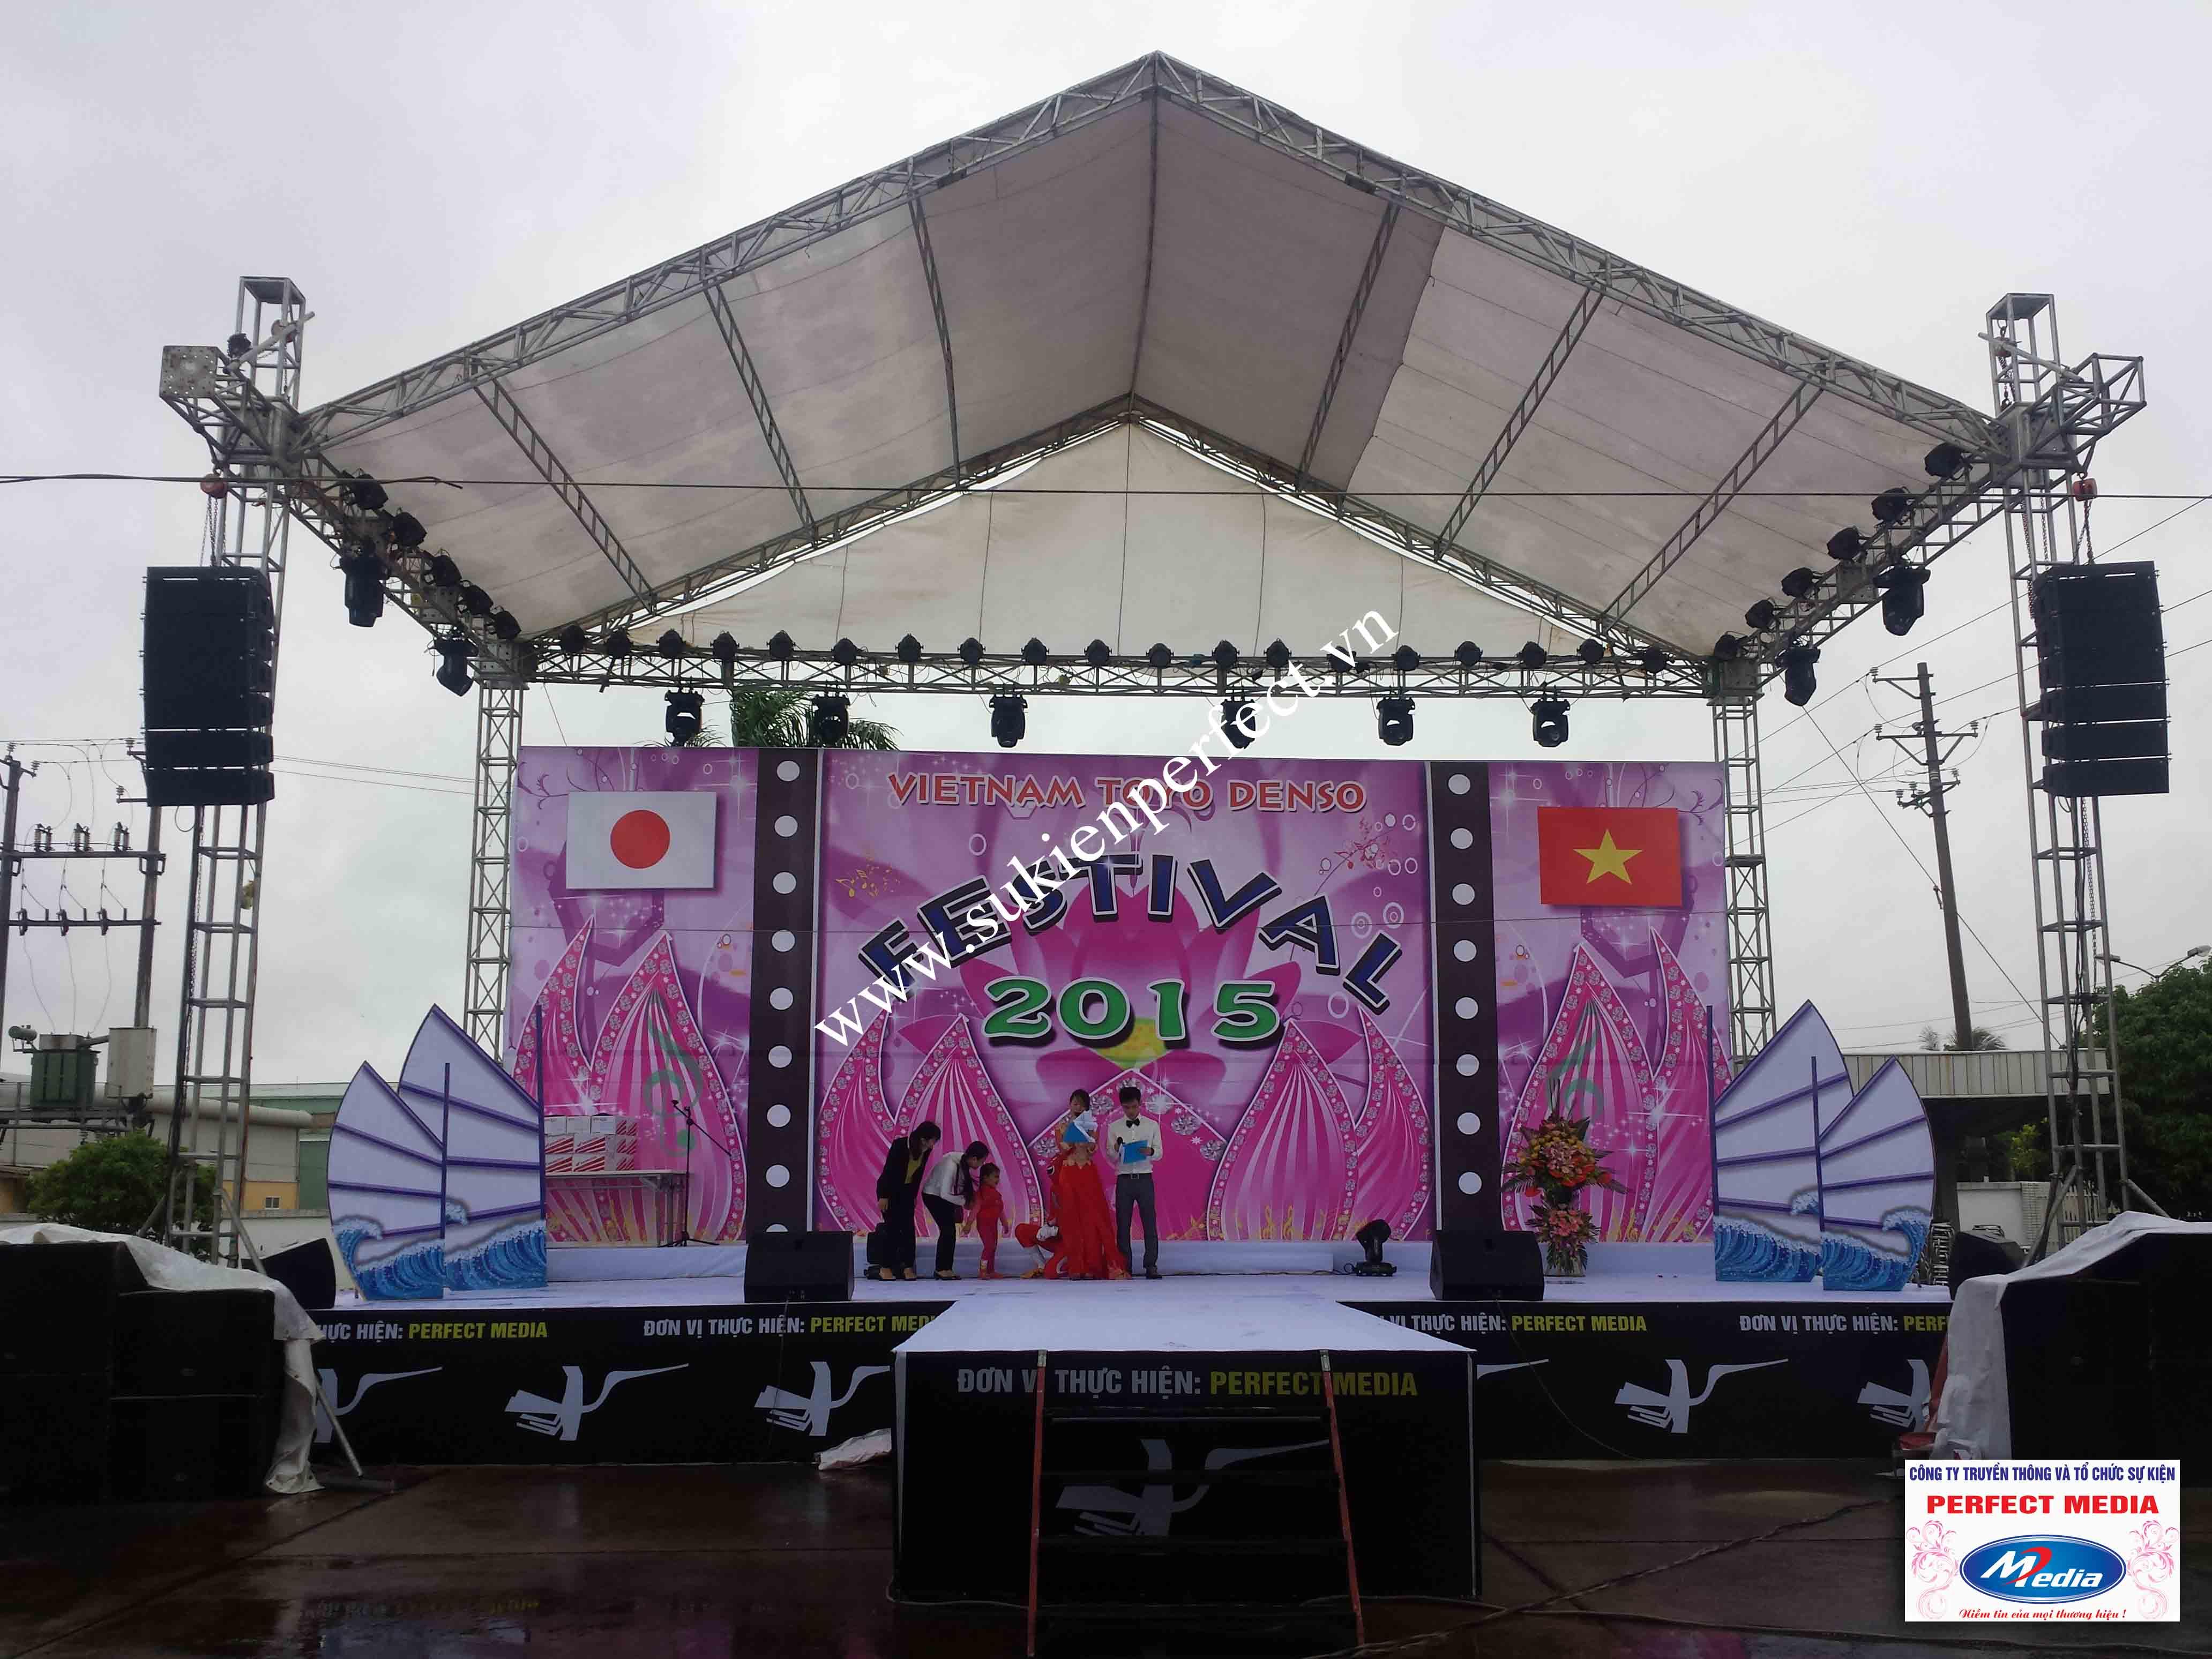 Hình ảnh trong sự kiện Festival Toyo Denso Việt Nam 2015 - 05